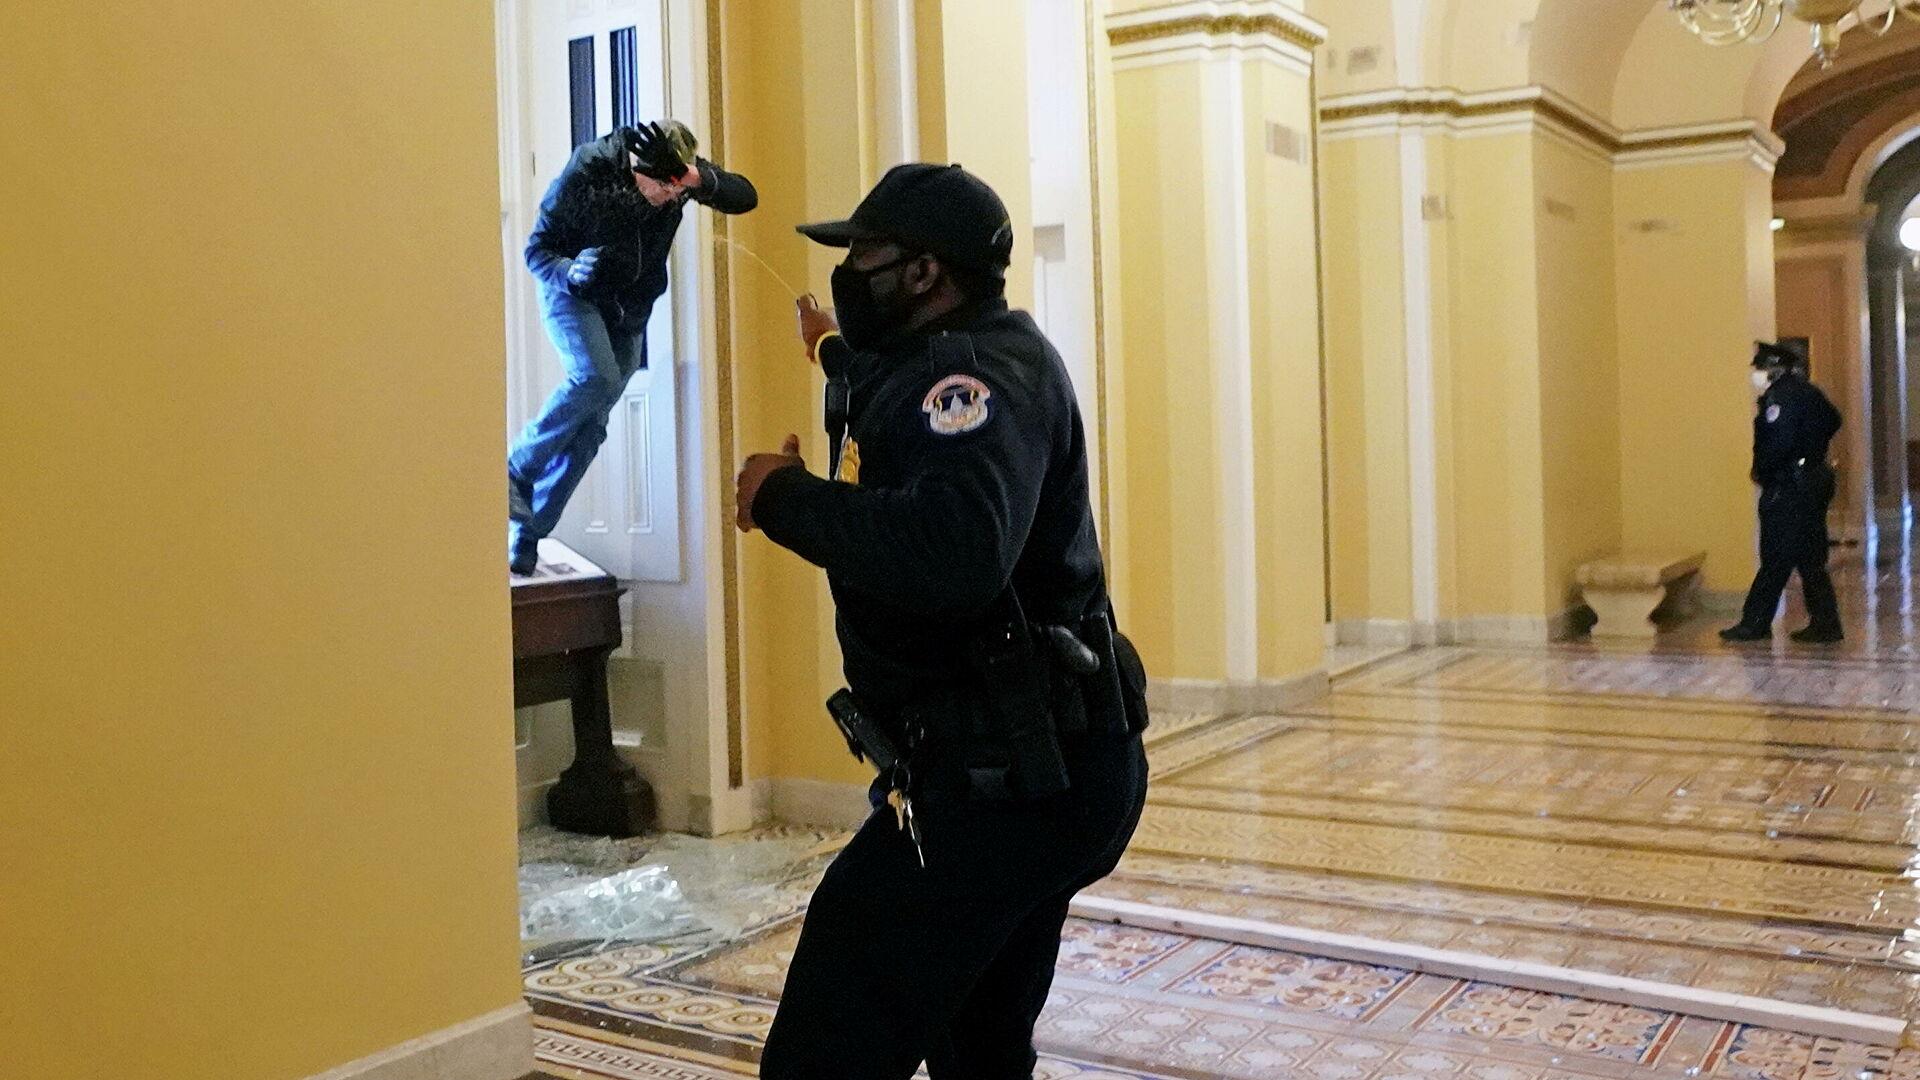 Протесты у Капитолия: фотографии с места событий (15 фото)